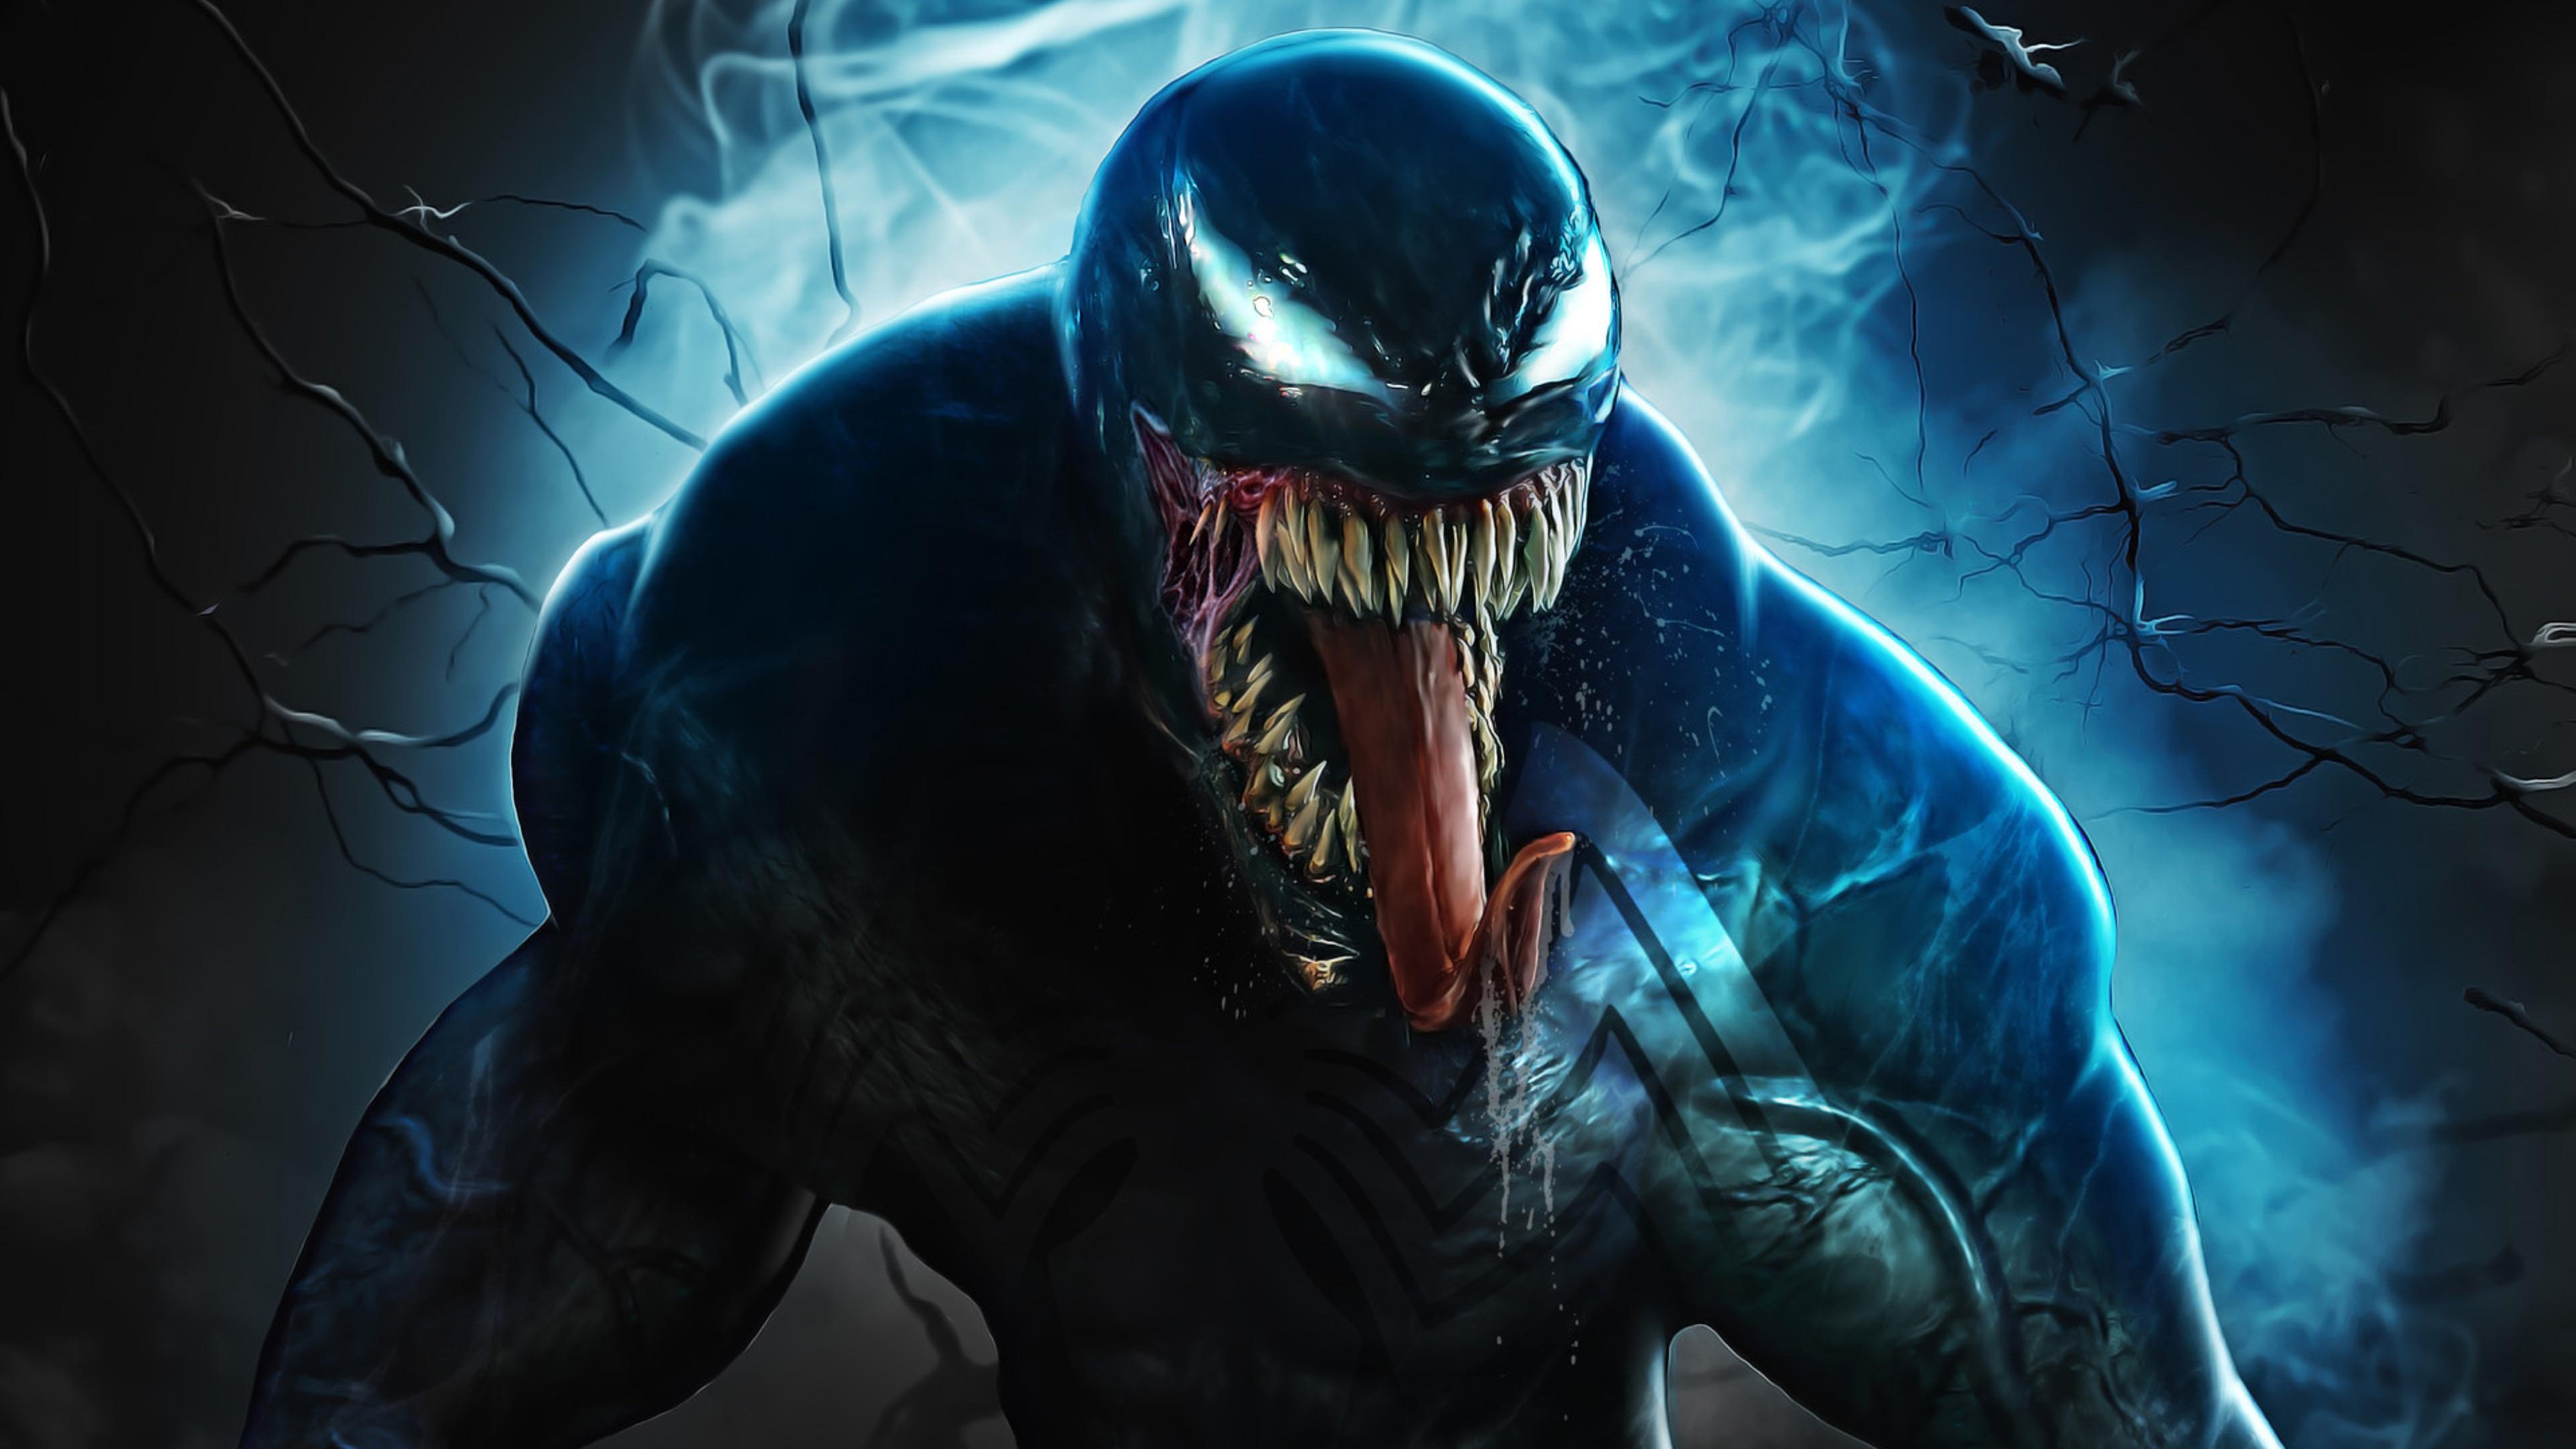 3840x2160 Venom Movie Fan Art 4k HD 4k Wallpapers, Images ...